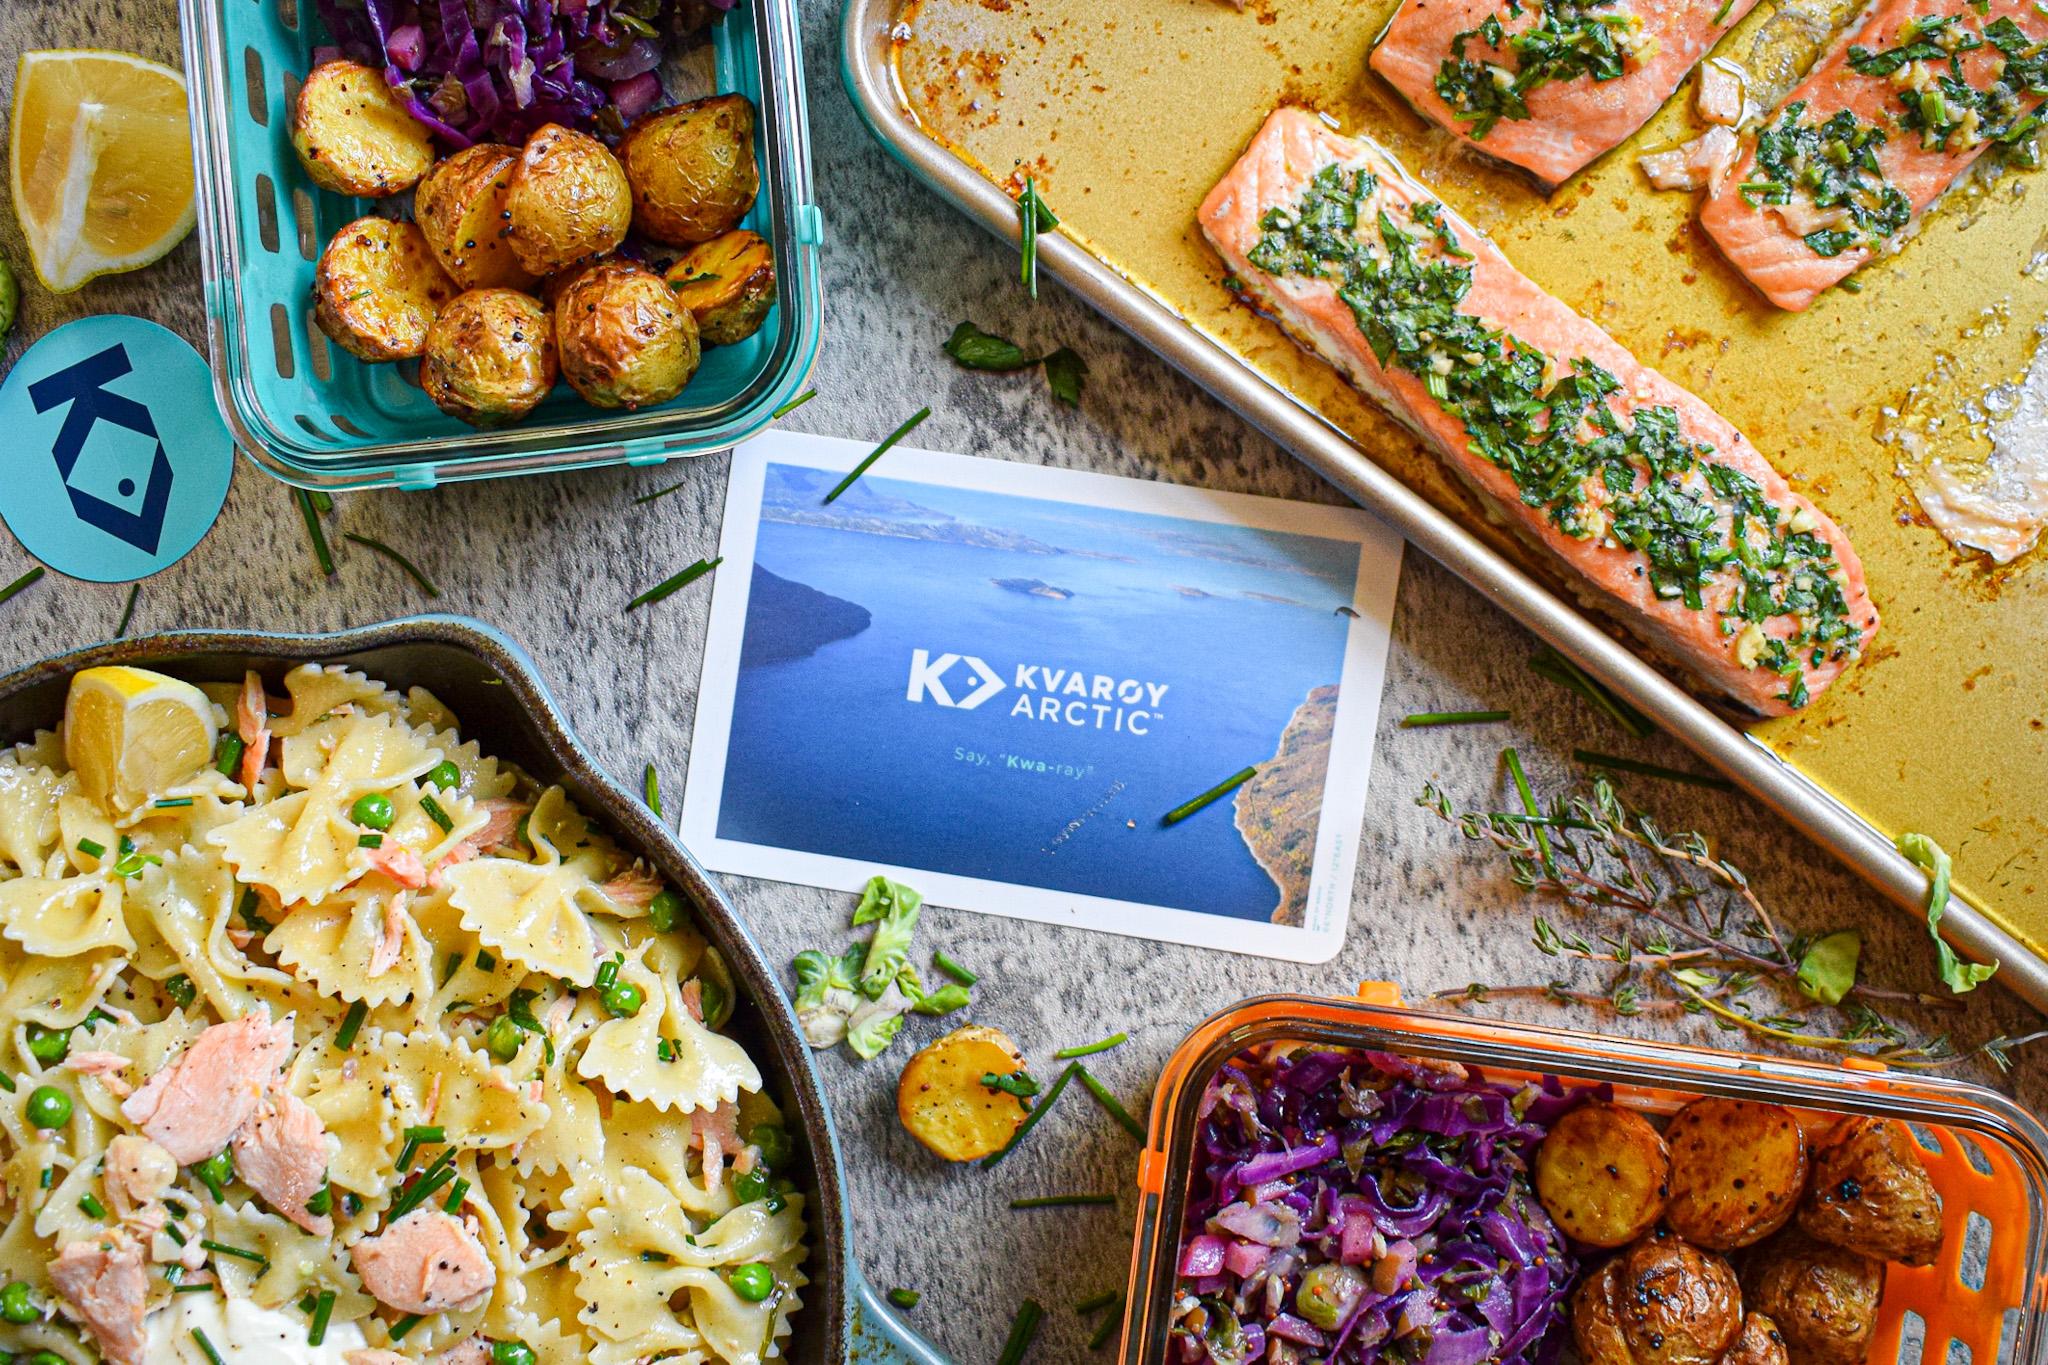 Kvaroy Arctic salmon for meal prep